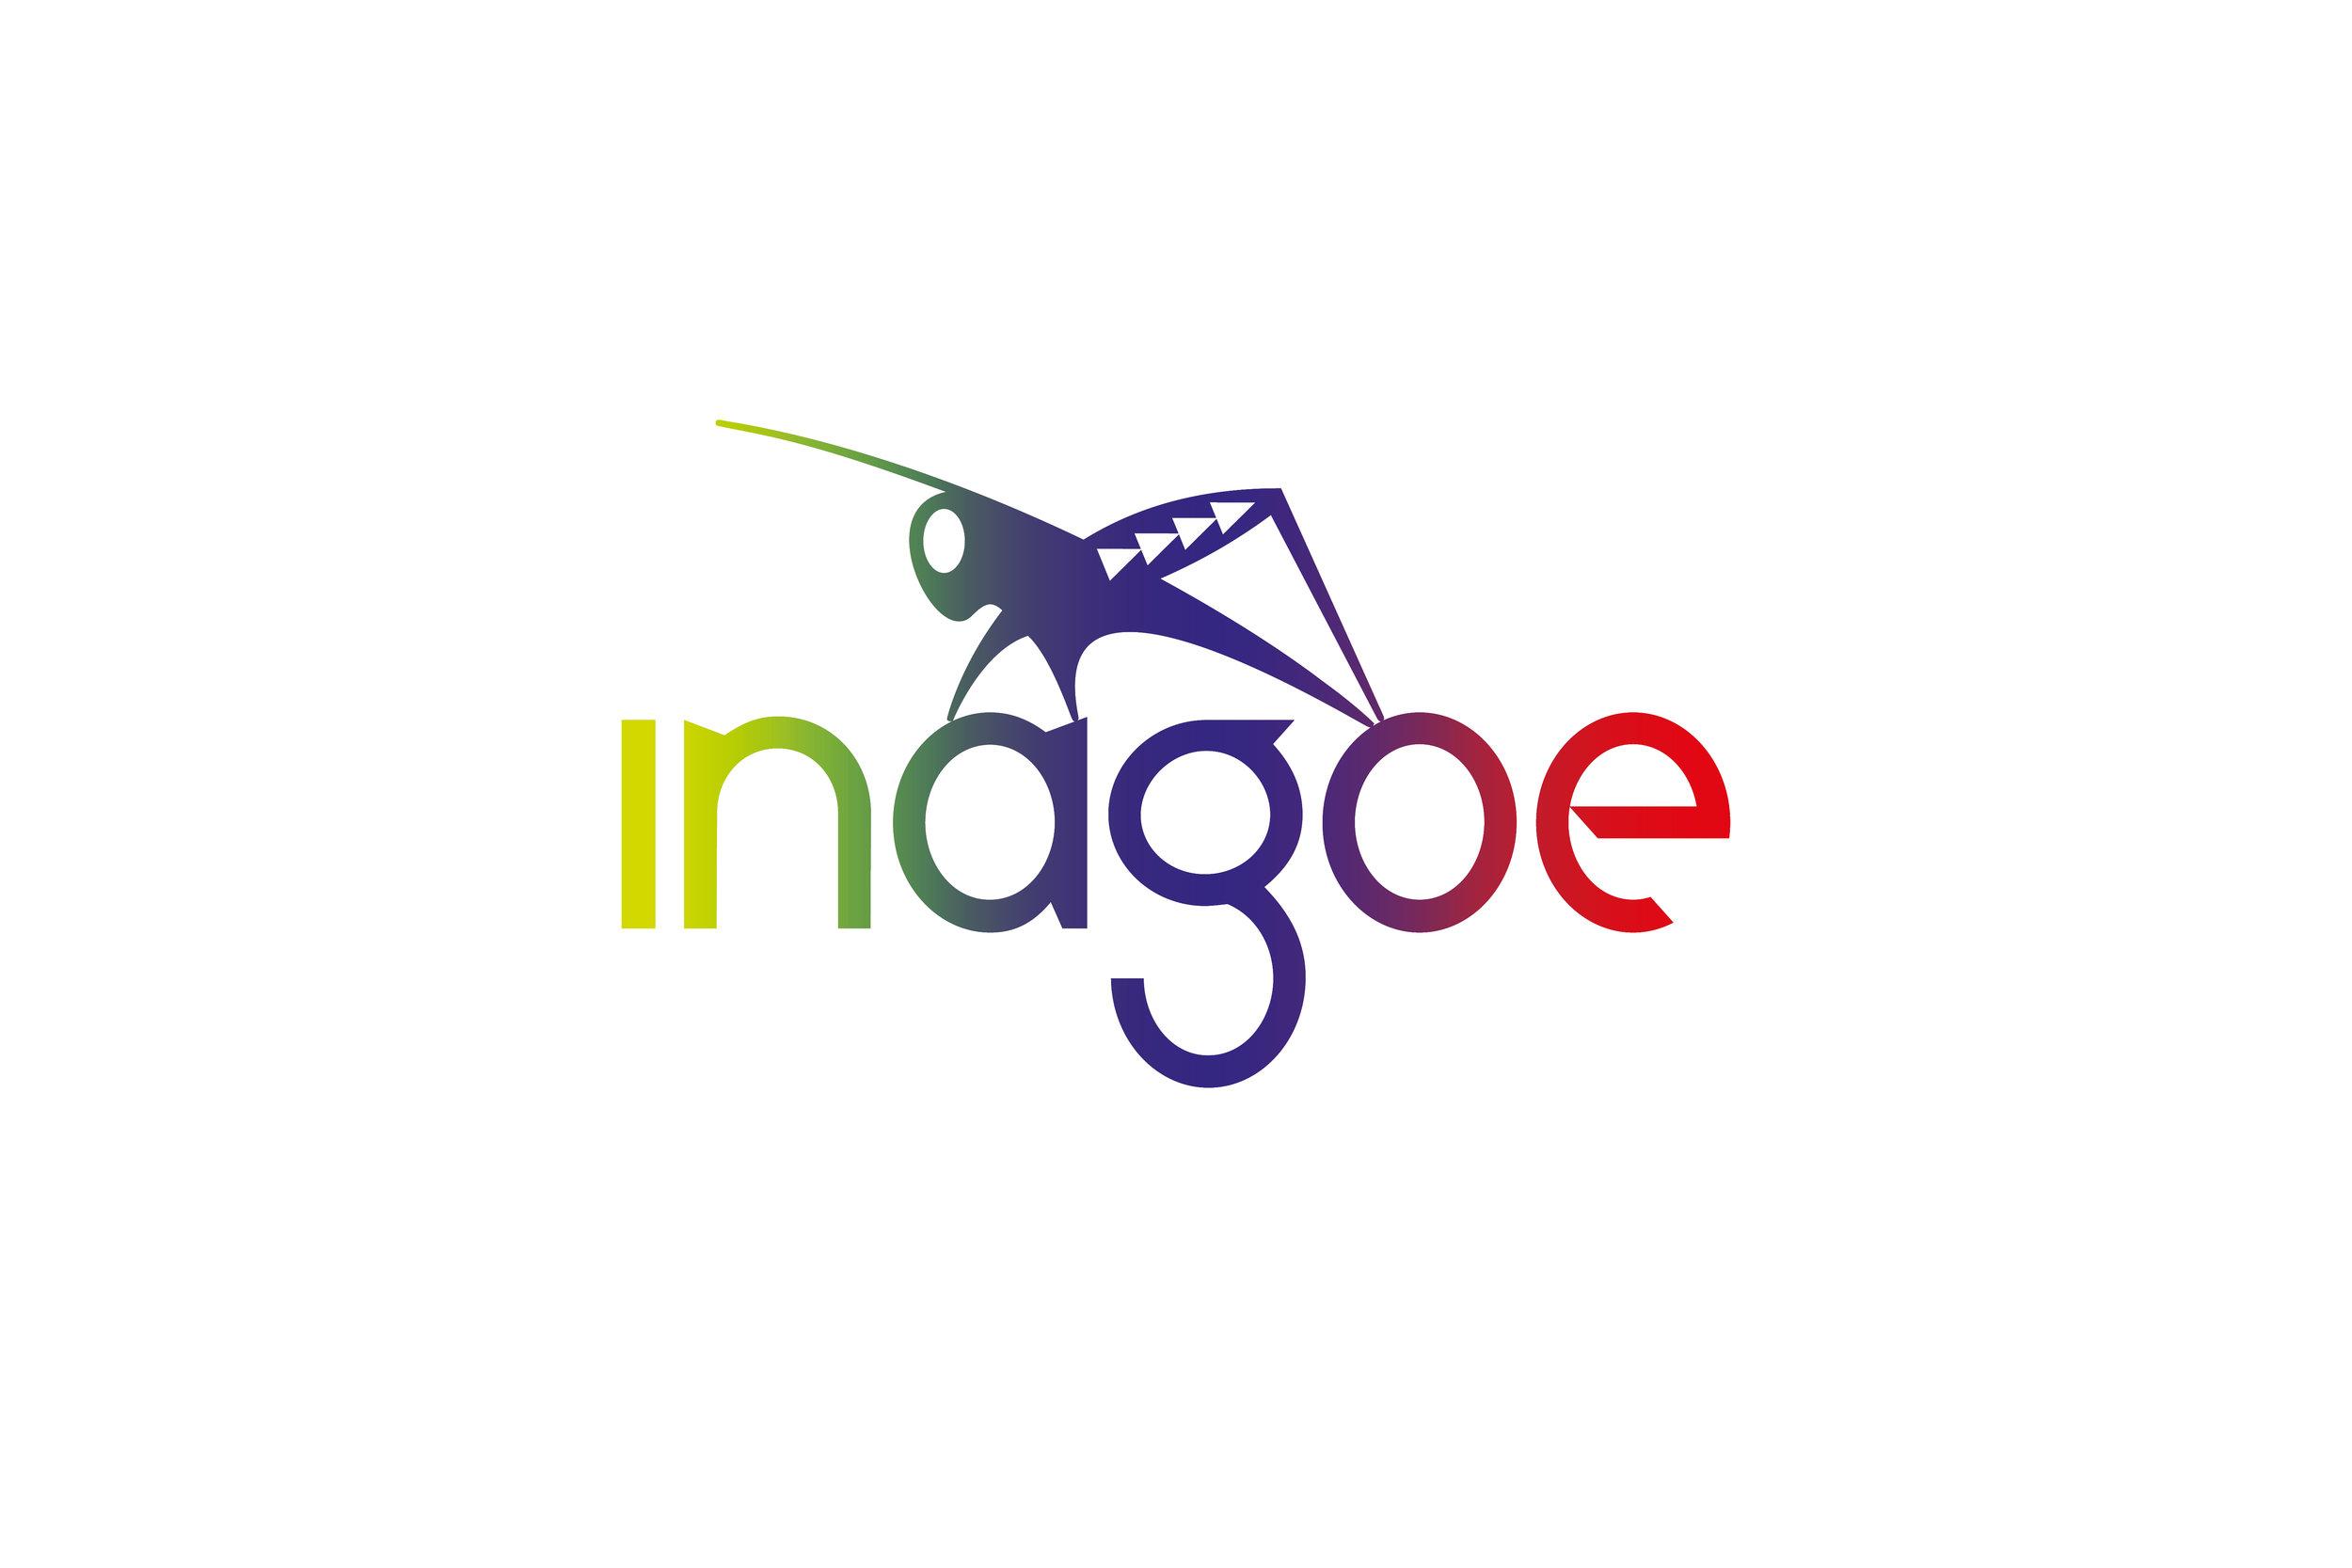 Inagoe_Logo-39.jpg